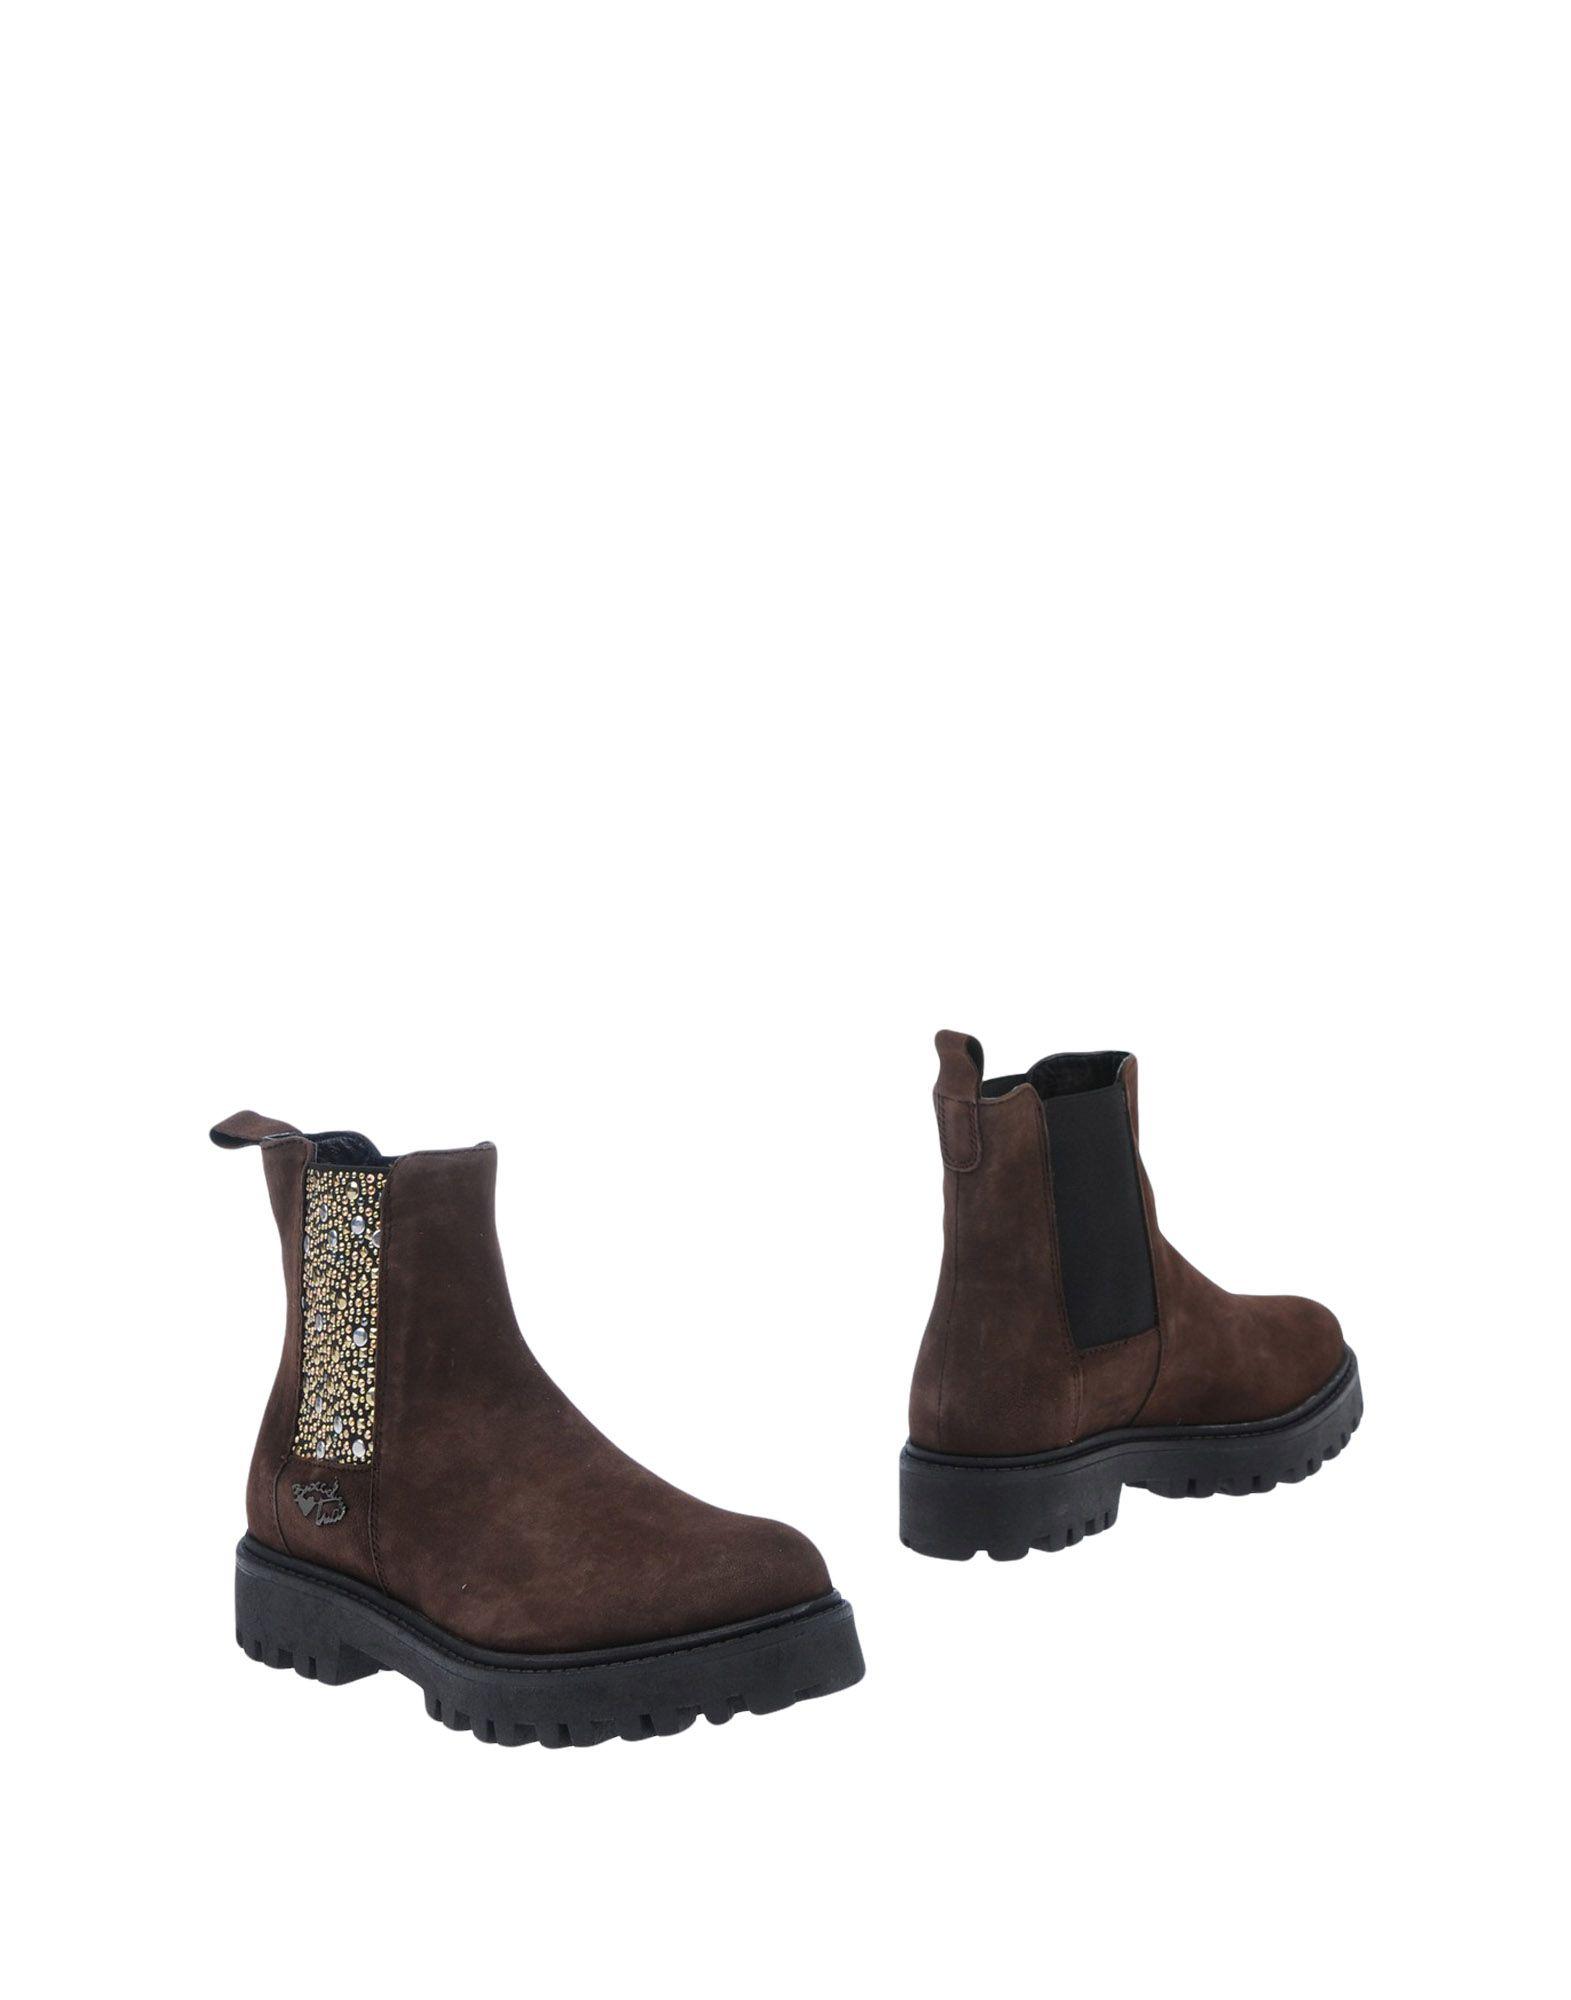 Chelsea Boots Braccialini Tua By Braccialini Boots Donna - 11449145MP 82e33e